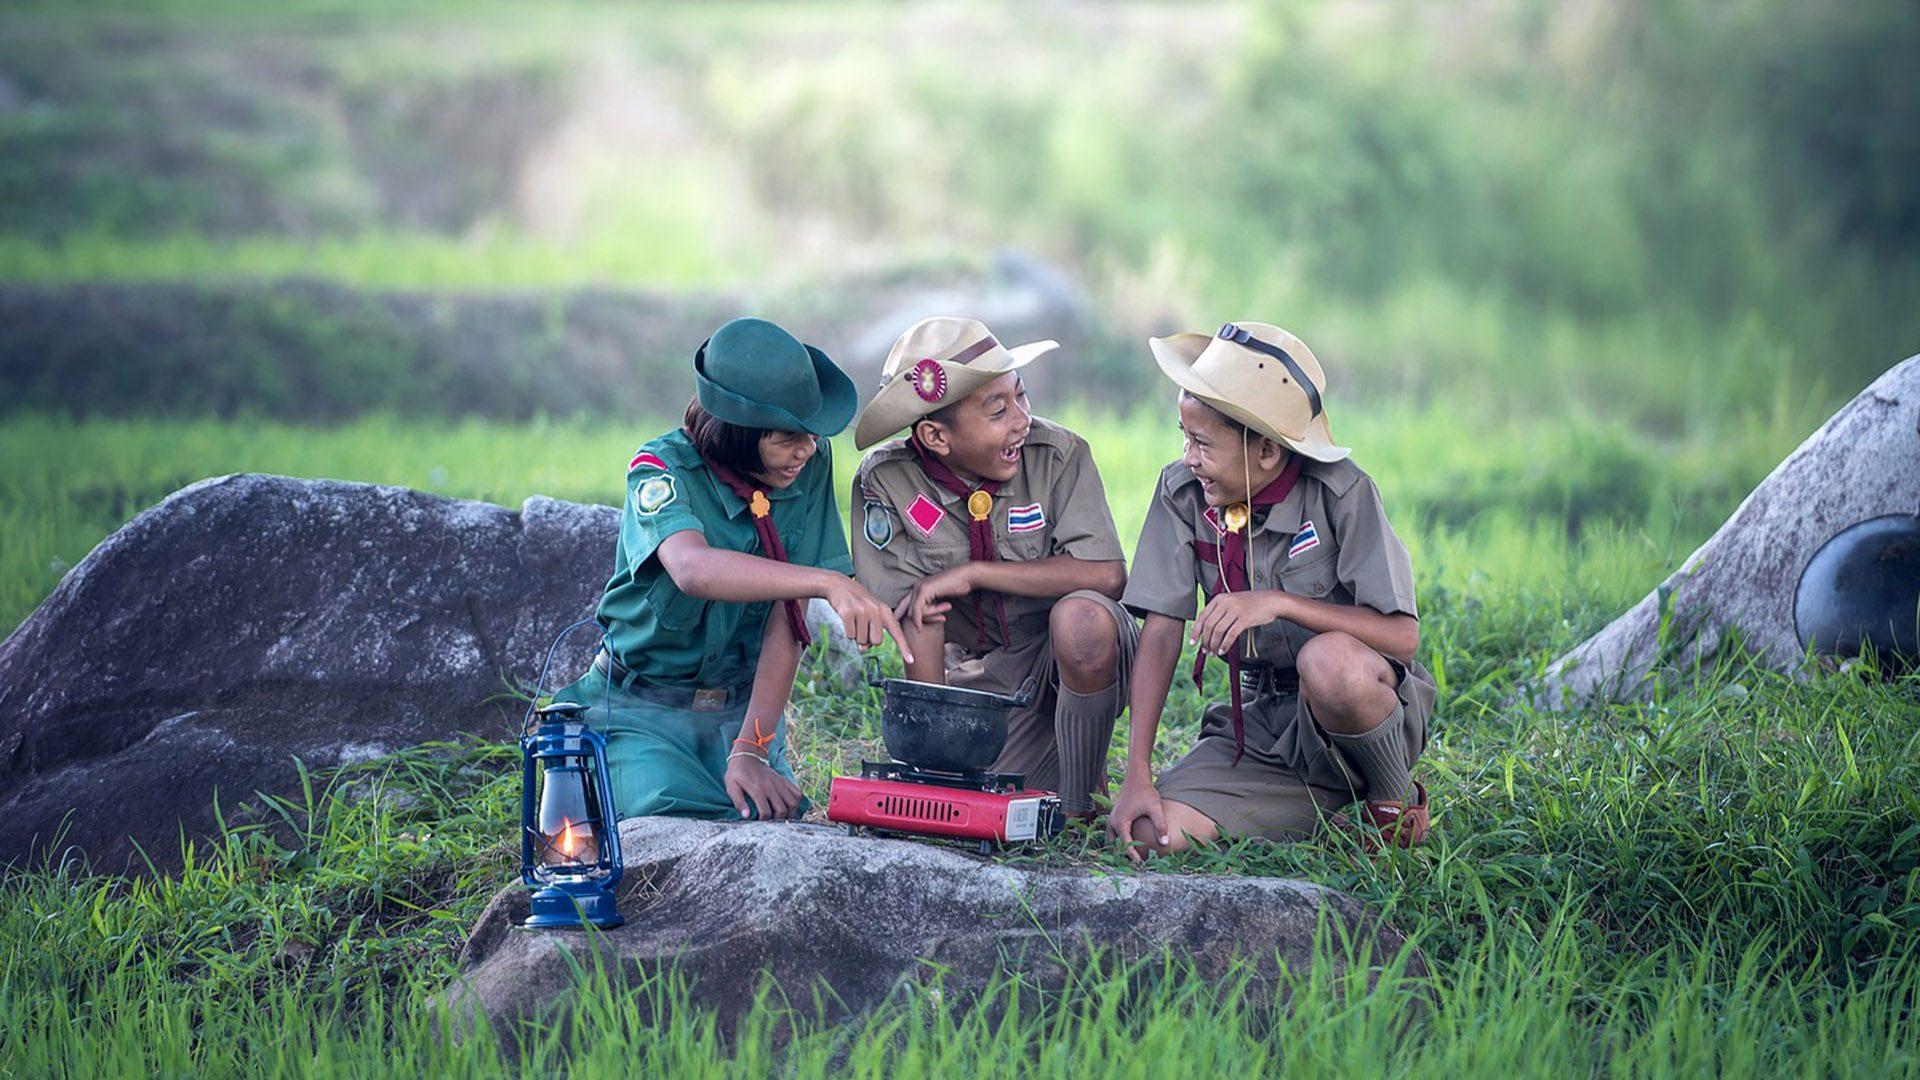 Viajar é a forma mais maravilhosa de aprendizagem. Permita que seu filho explore o mundo e se divirta em novas aventuras.